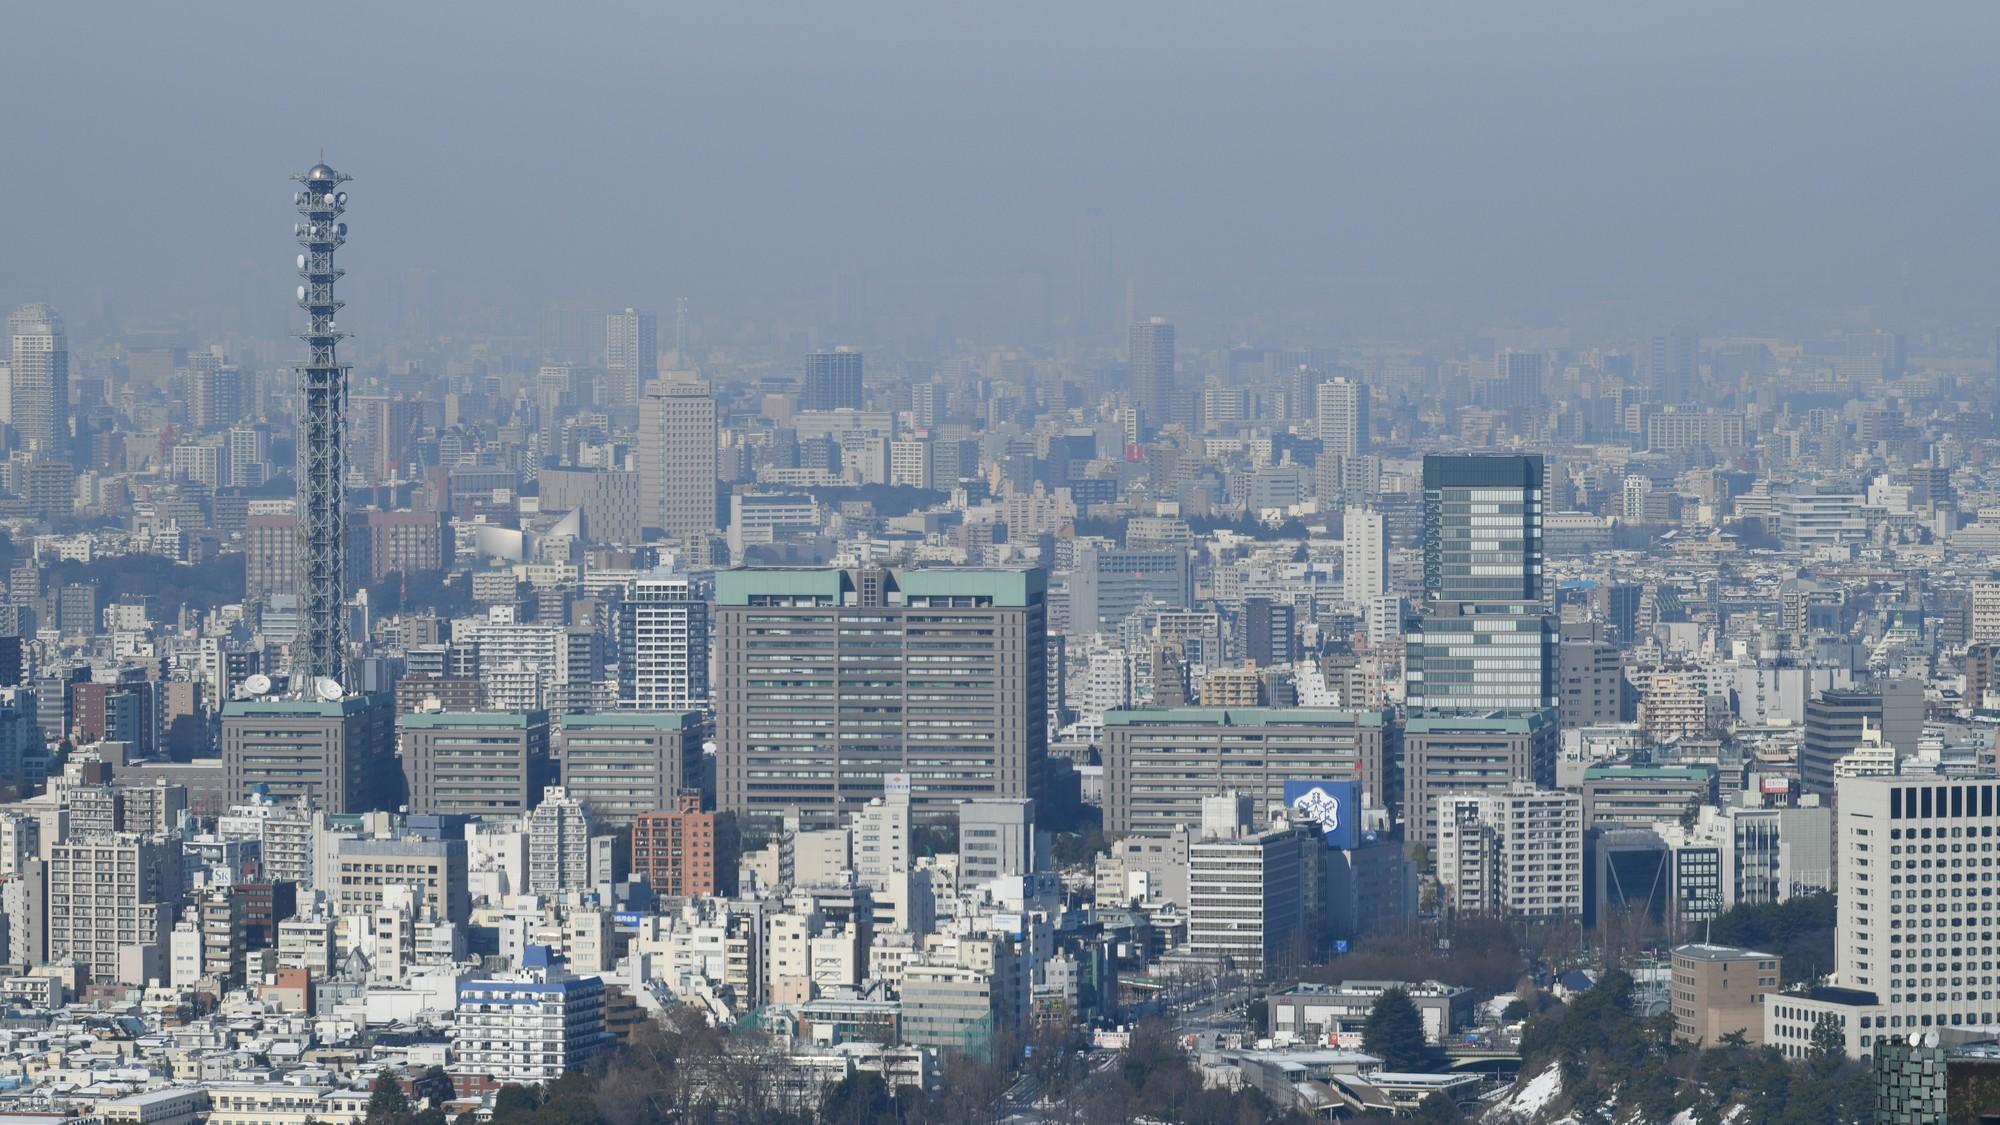 防衛省の裏手に「新宿・市谷砂土原町」本当の富裕層が住む街